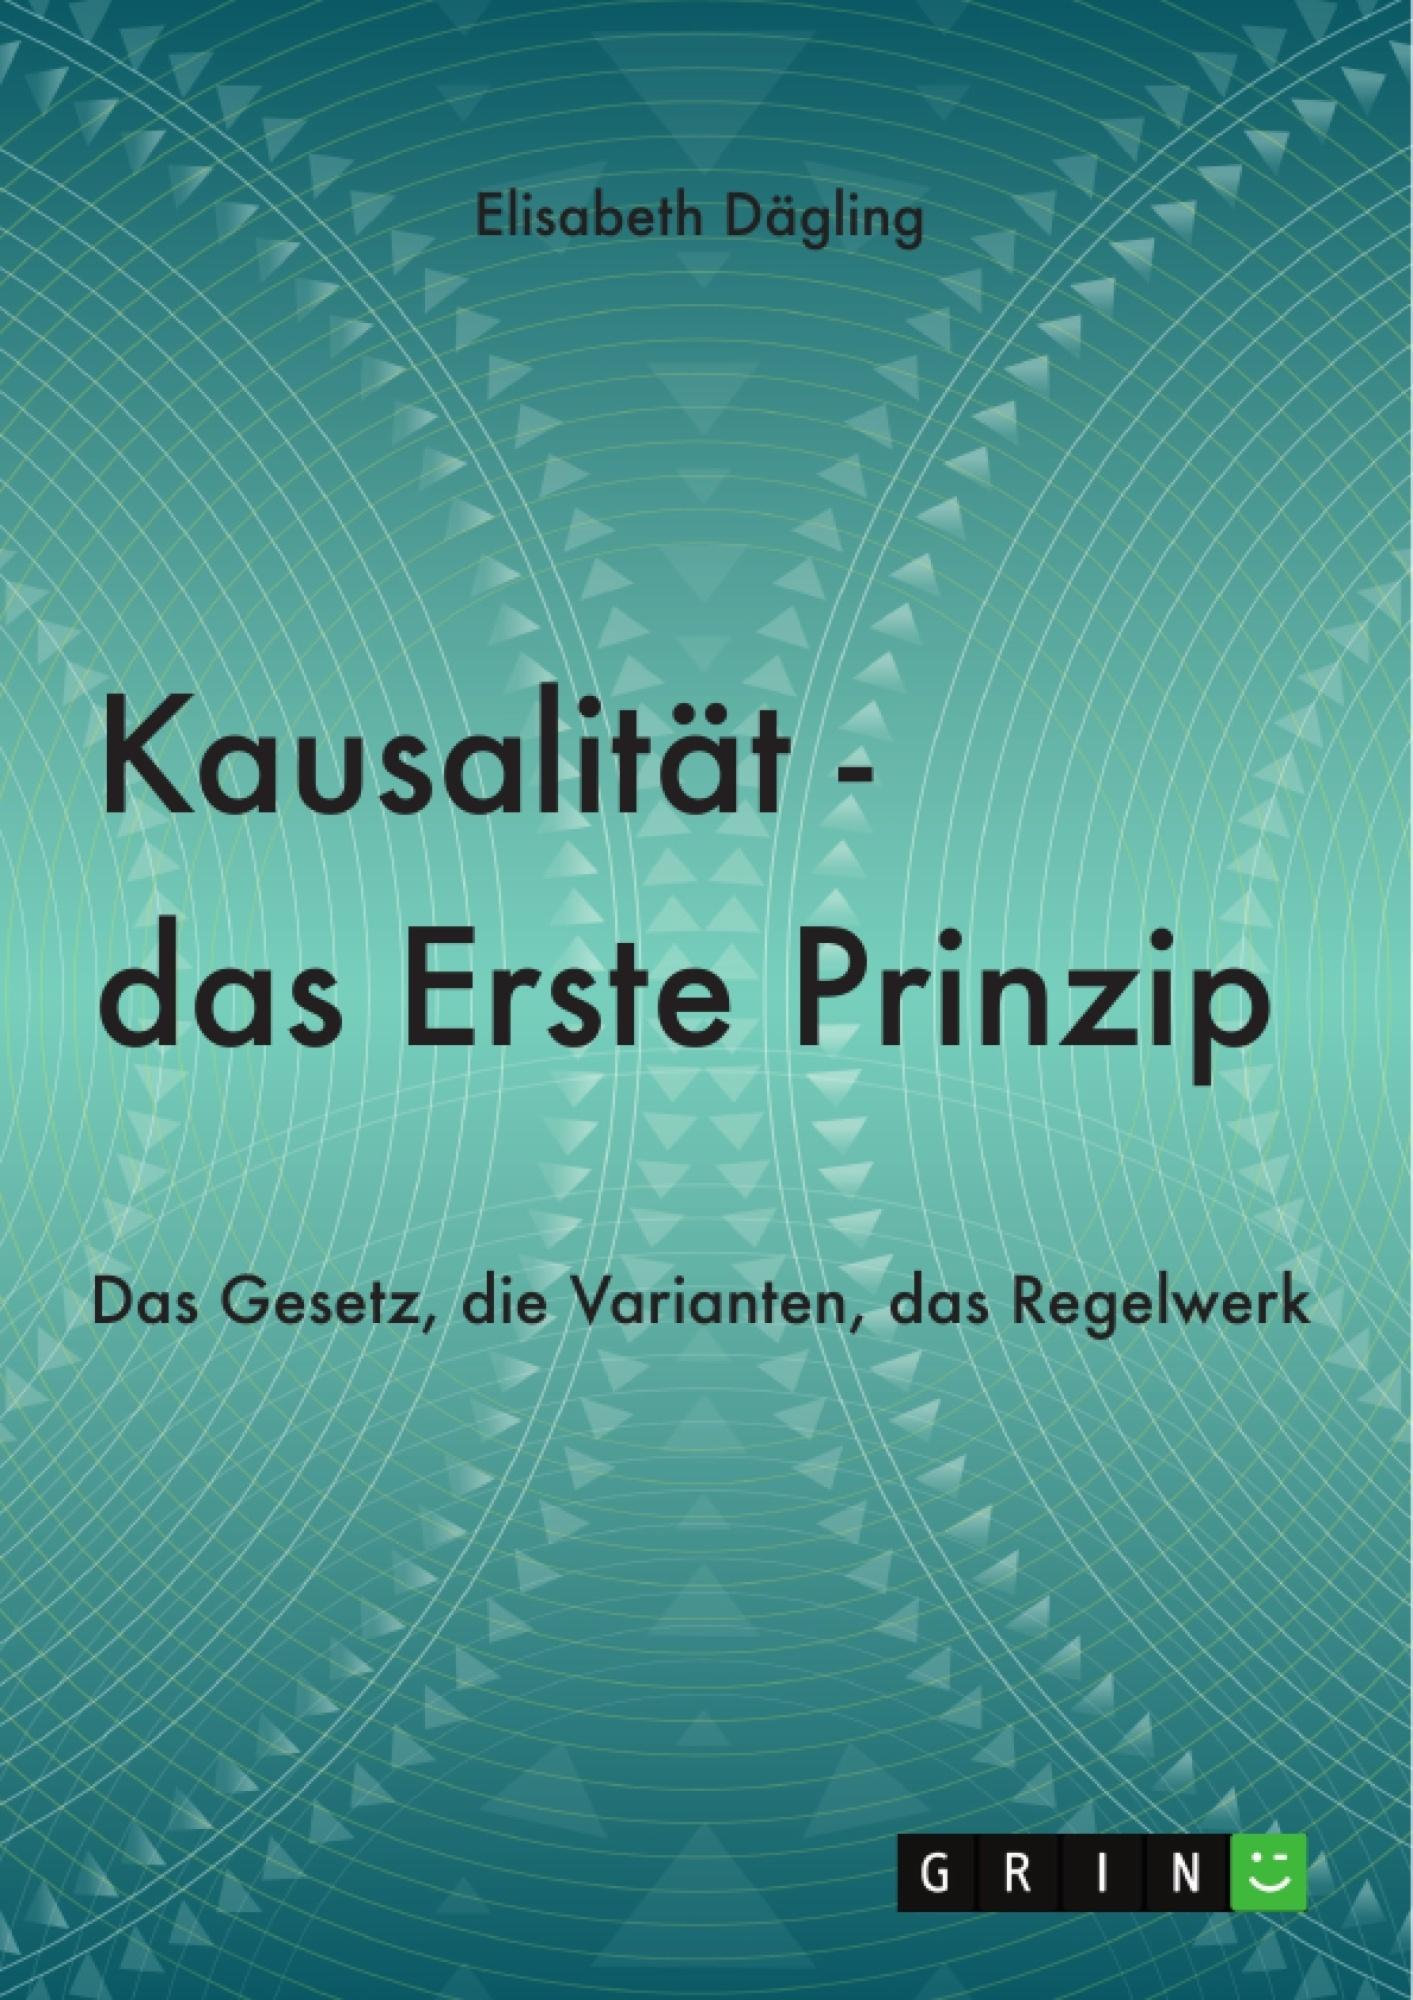 Titel: Kausalität - Das Erste Prinzip